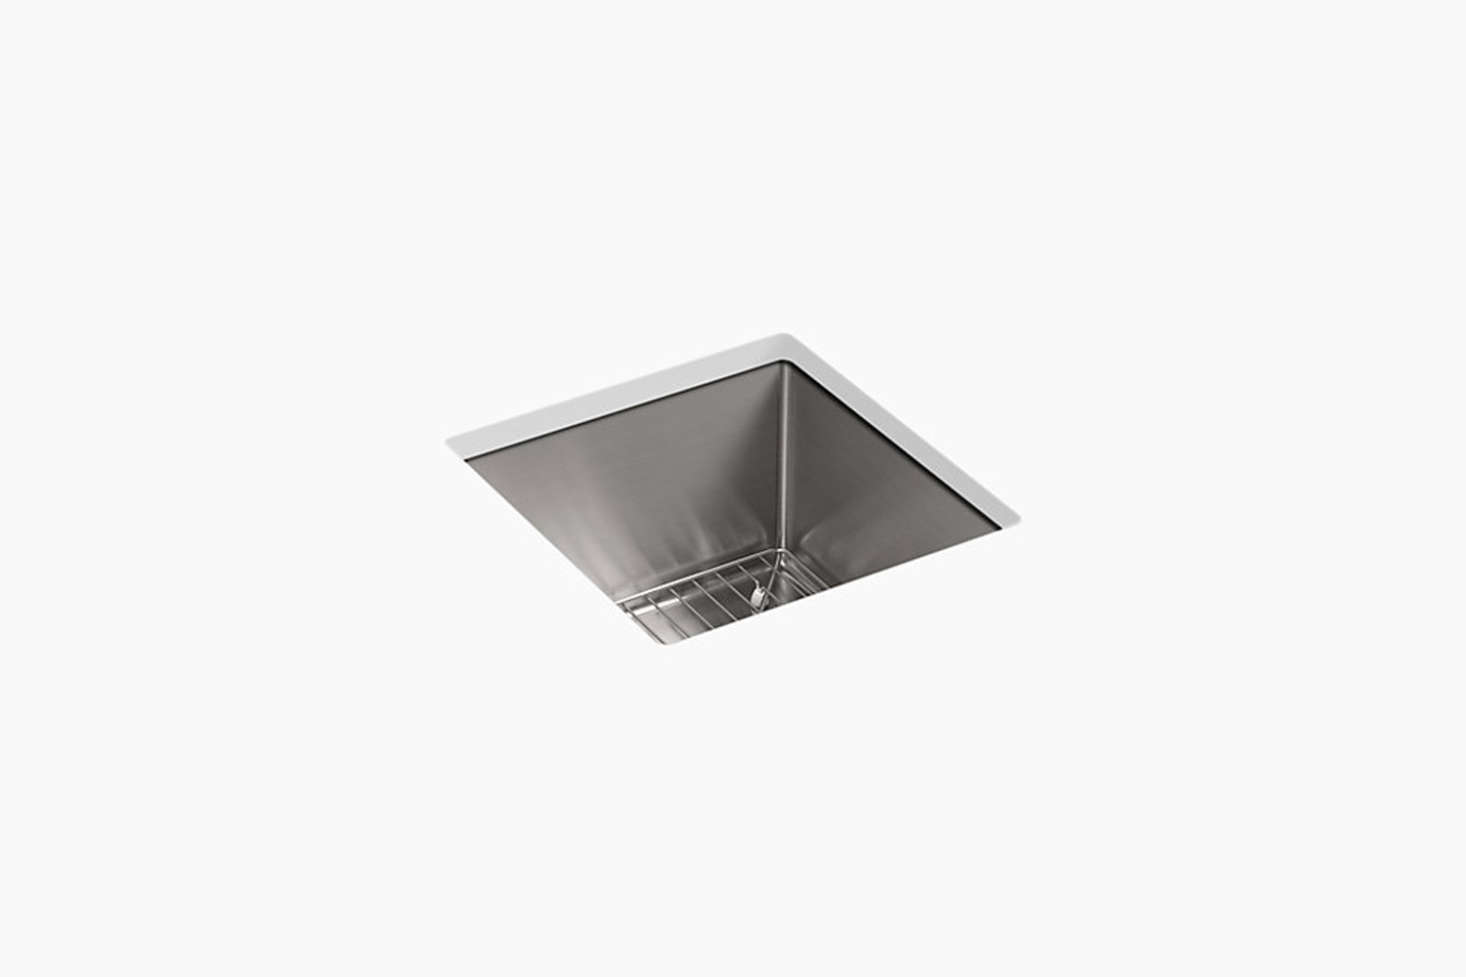 The Kohler Strive Under-Mount Bar Sink with Sink Rack (K-57-NA) is $659 at Kohler.